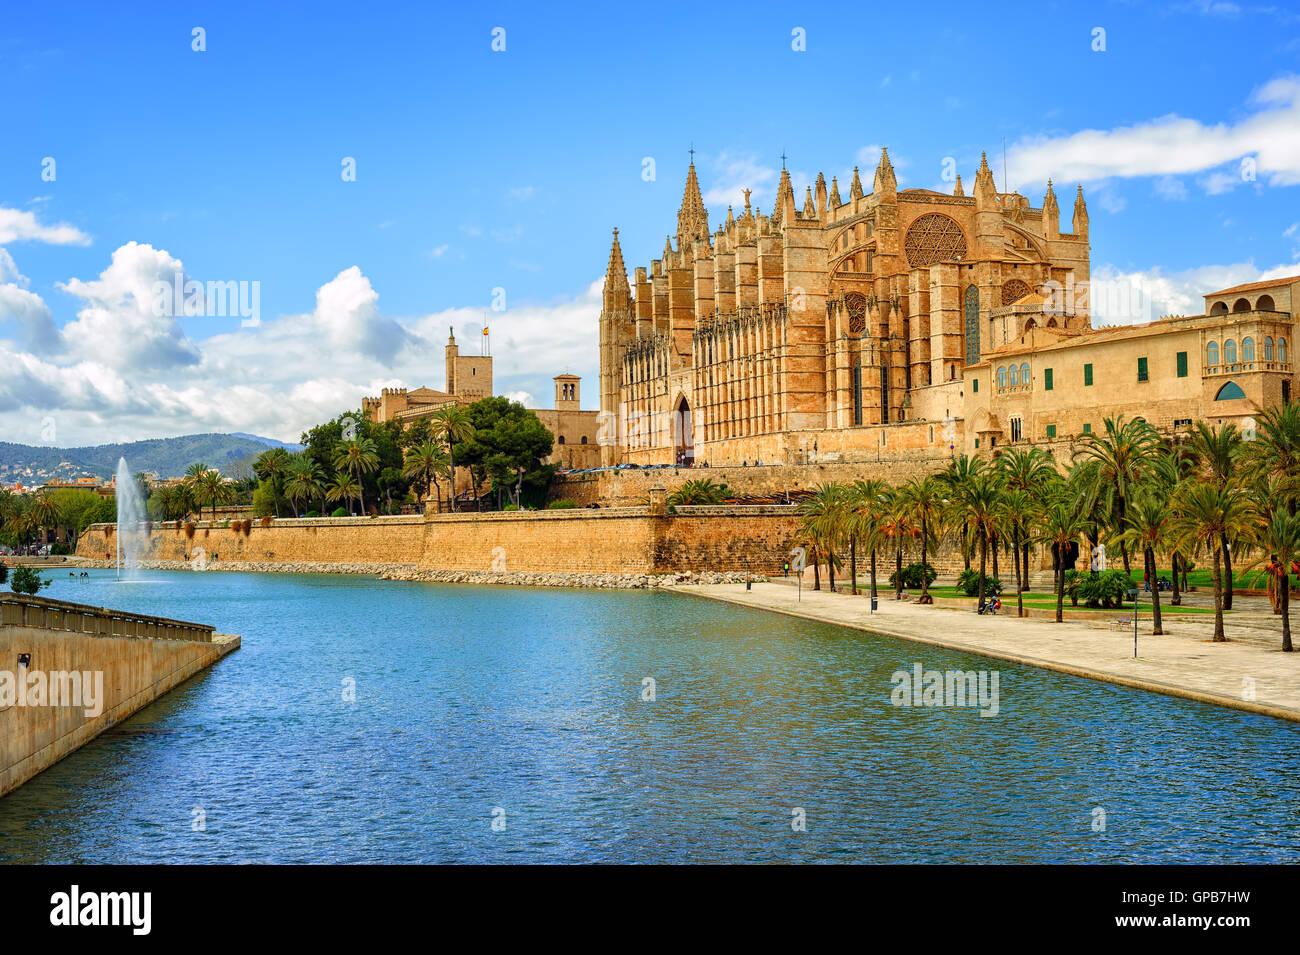 La Seu, die mittelalterliche gotische Kathedrale von Palma De Mallorca, Spanien Stockbild